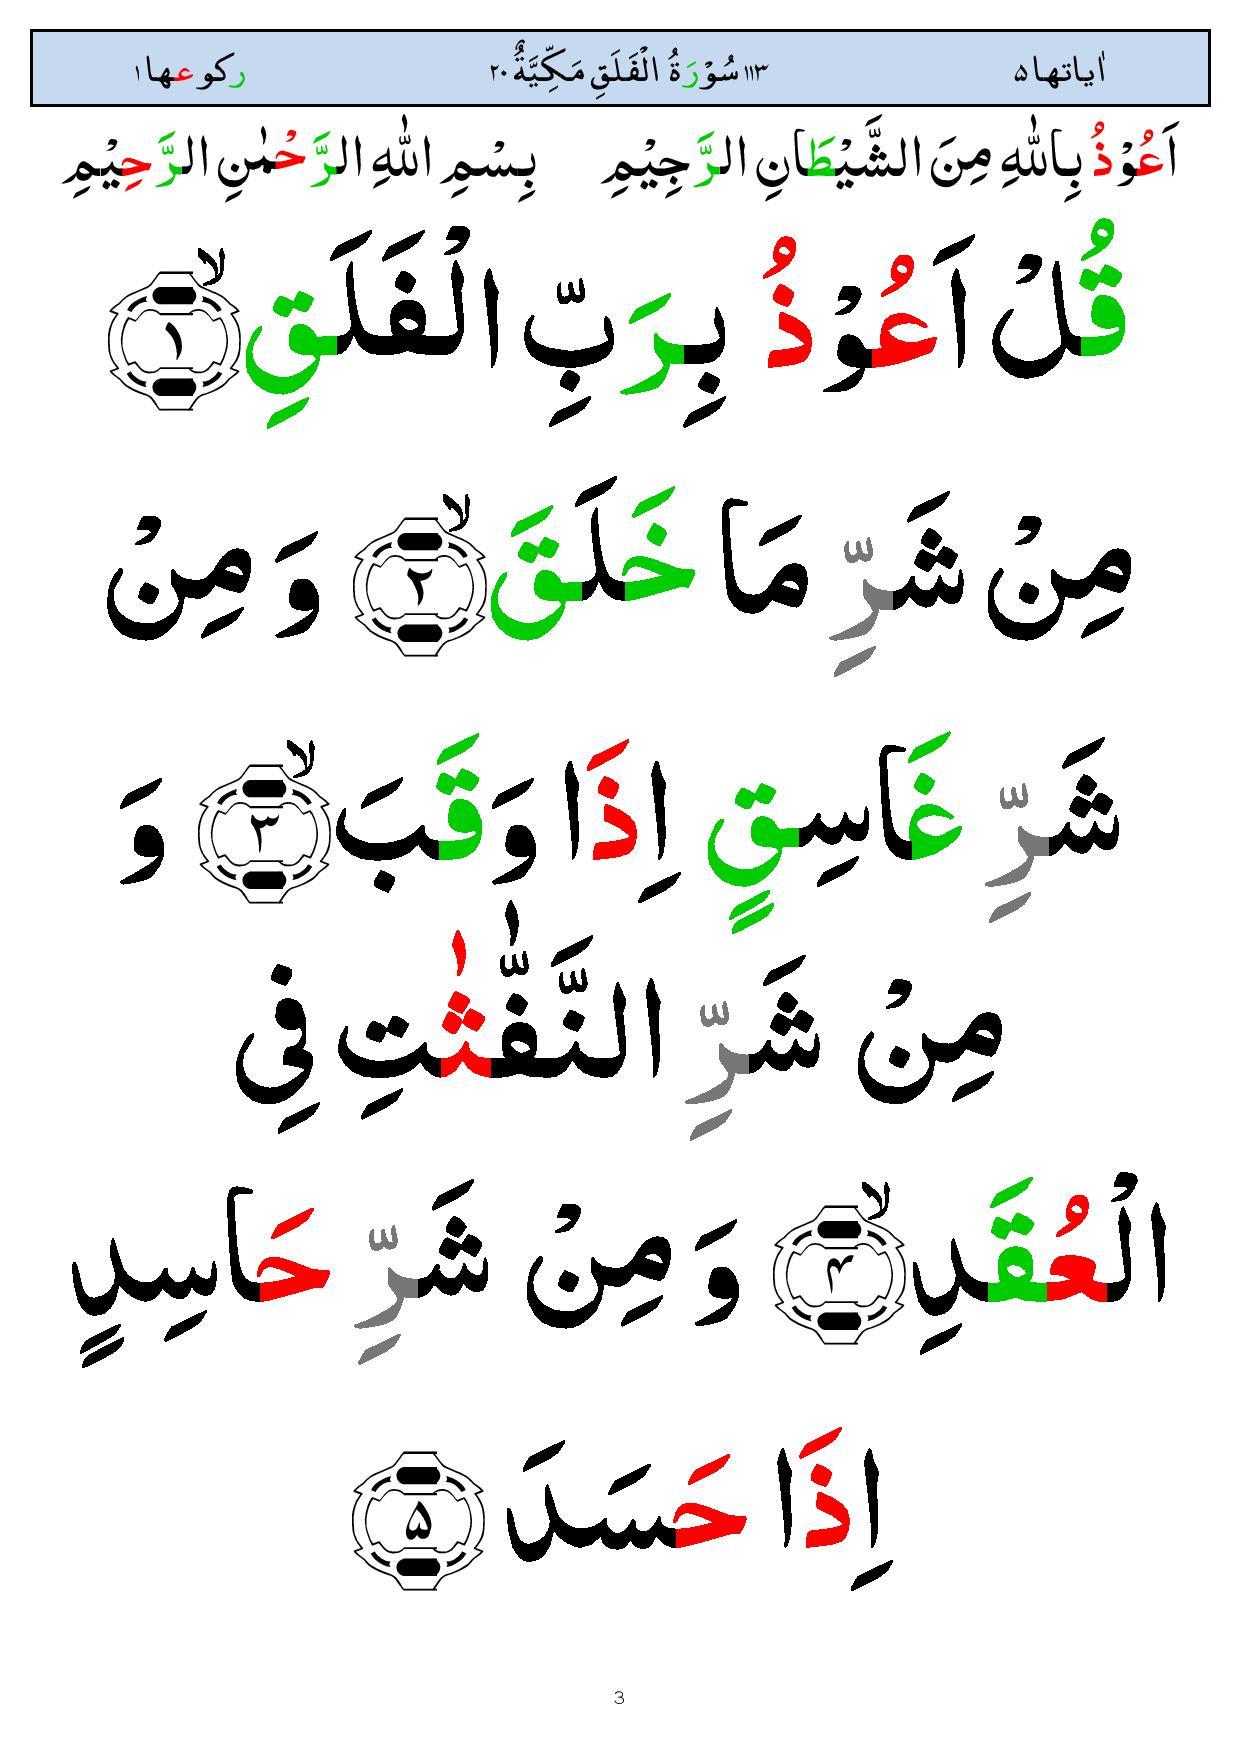 Surah AlFalaq